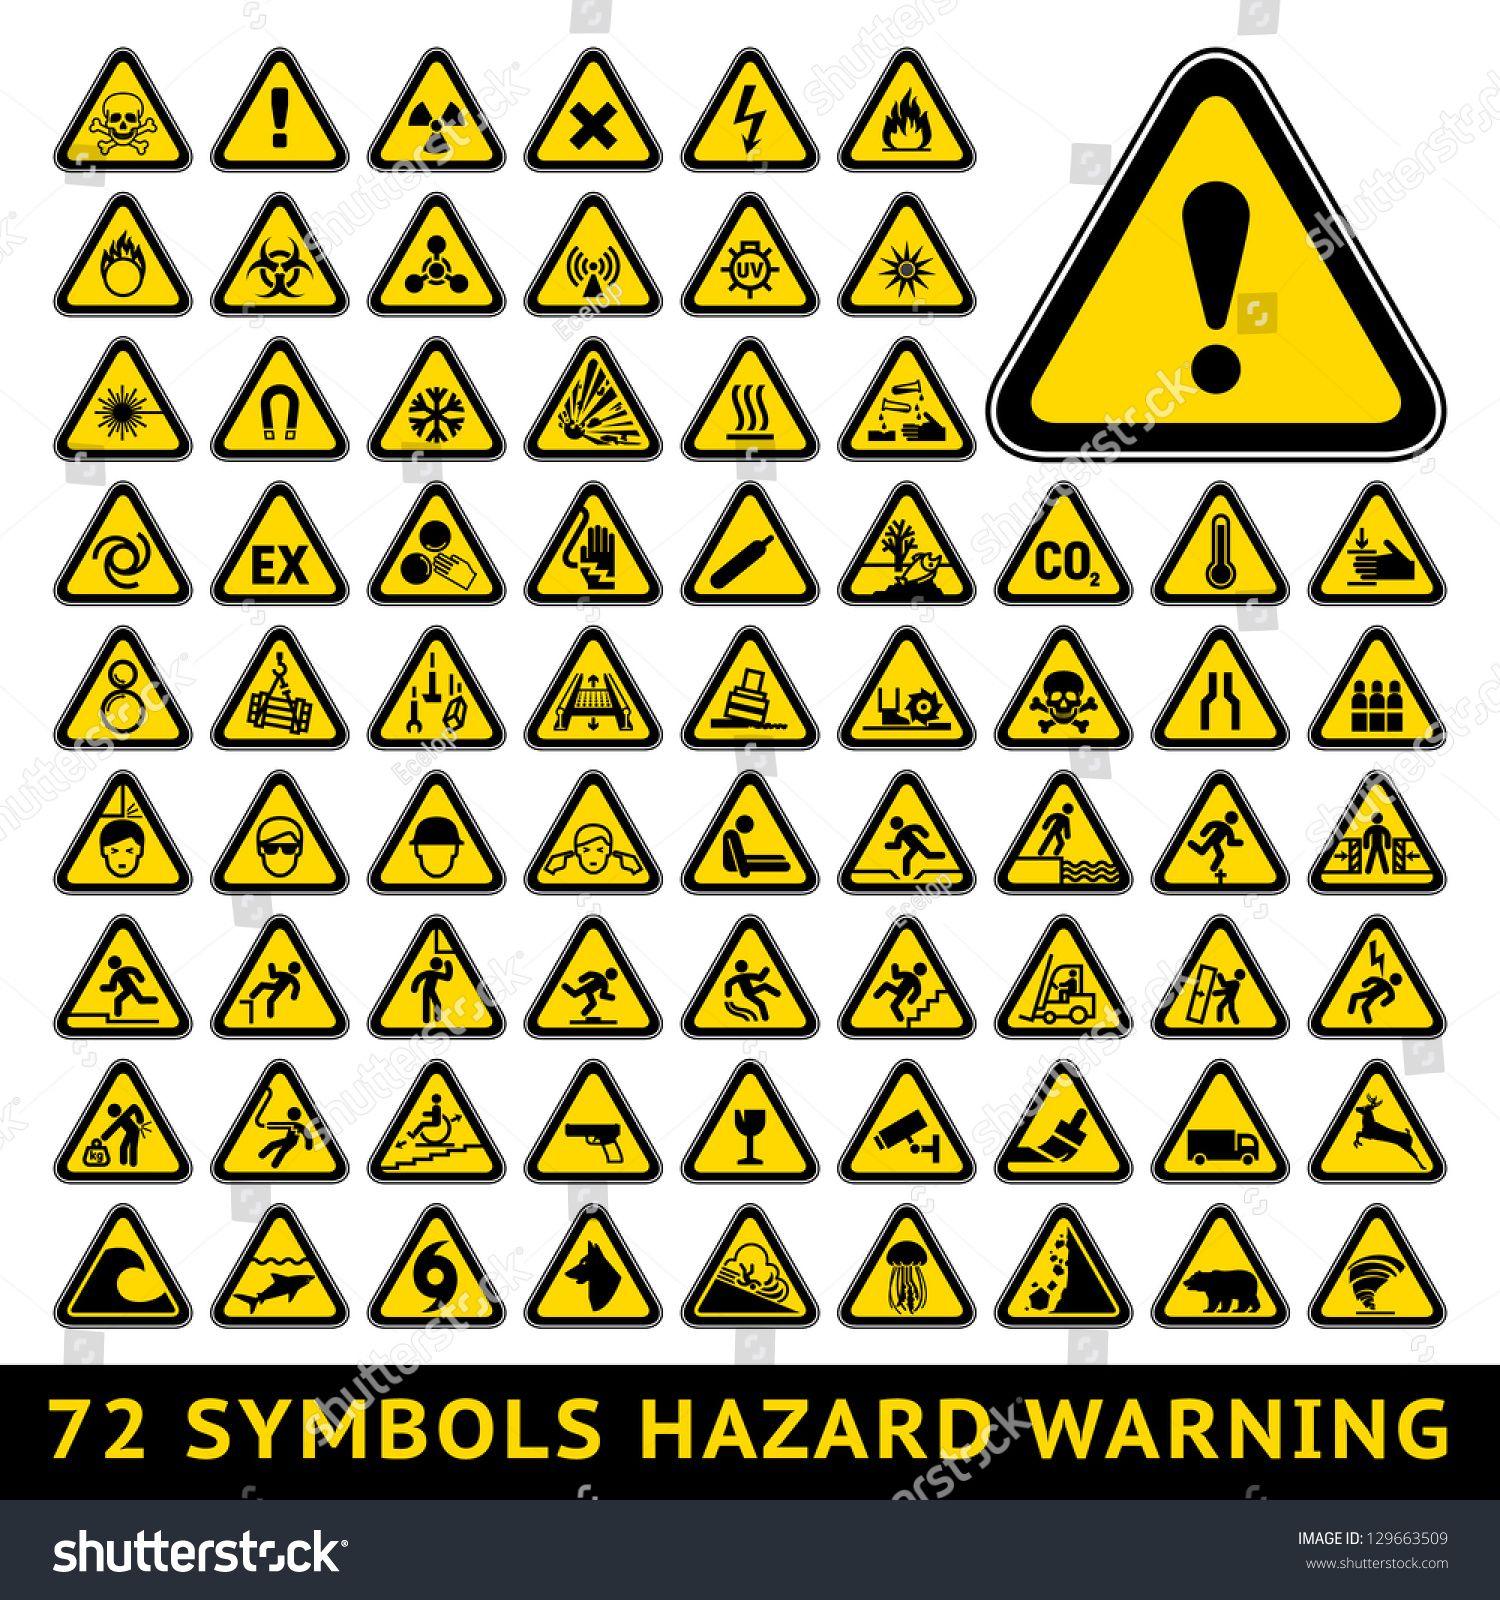 72 Symbols Triangular Warning Hazard Big